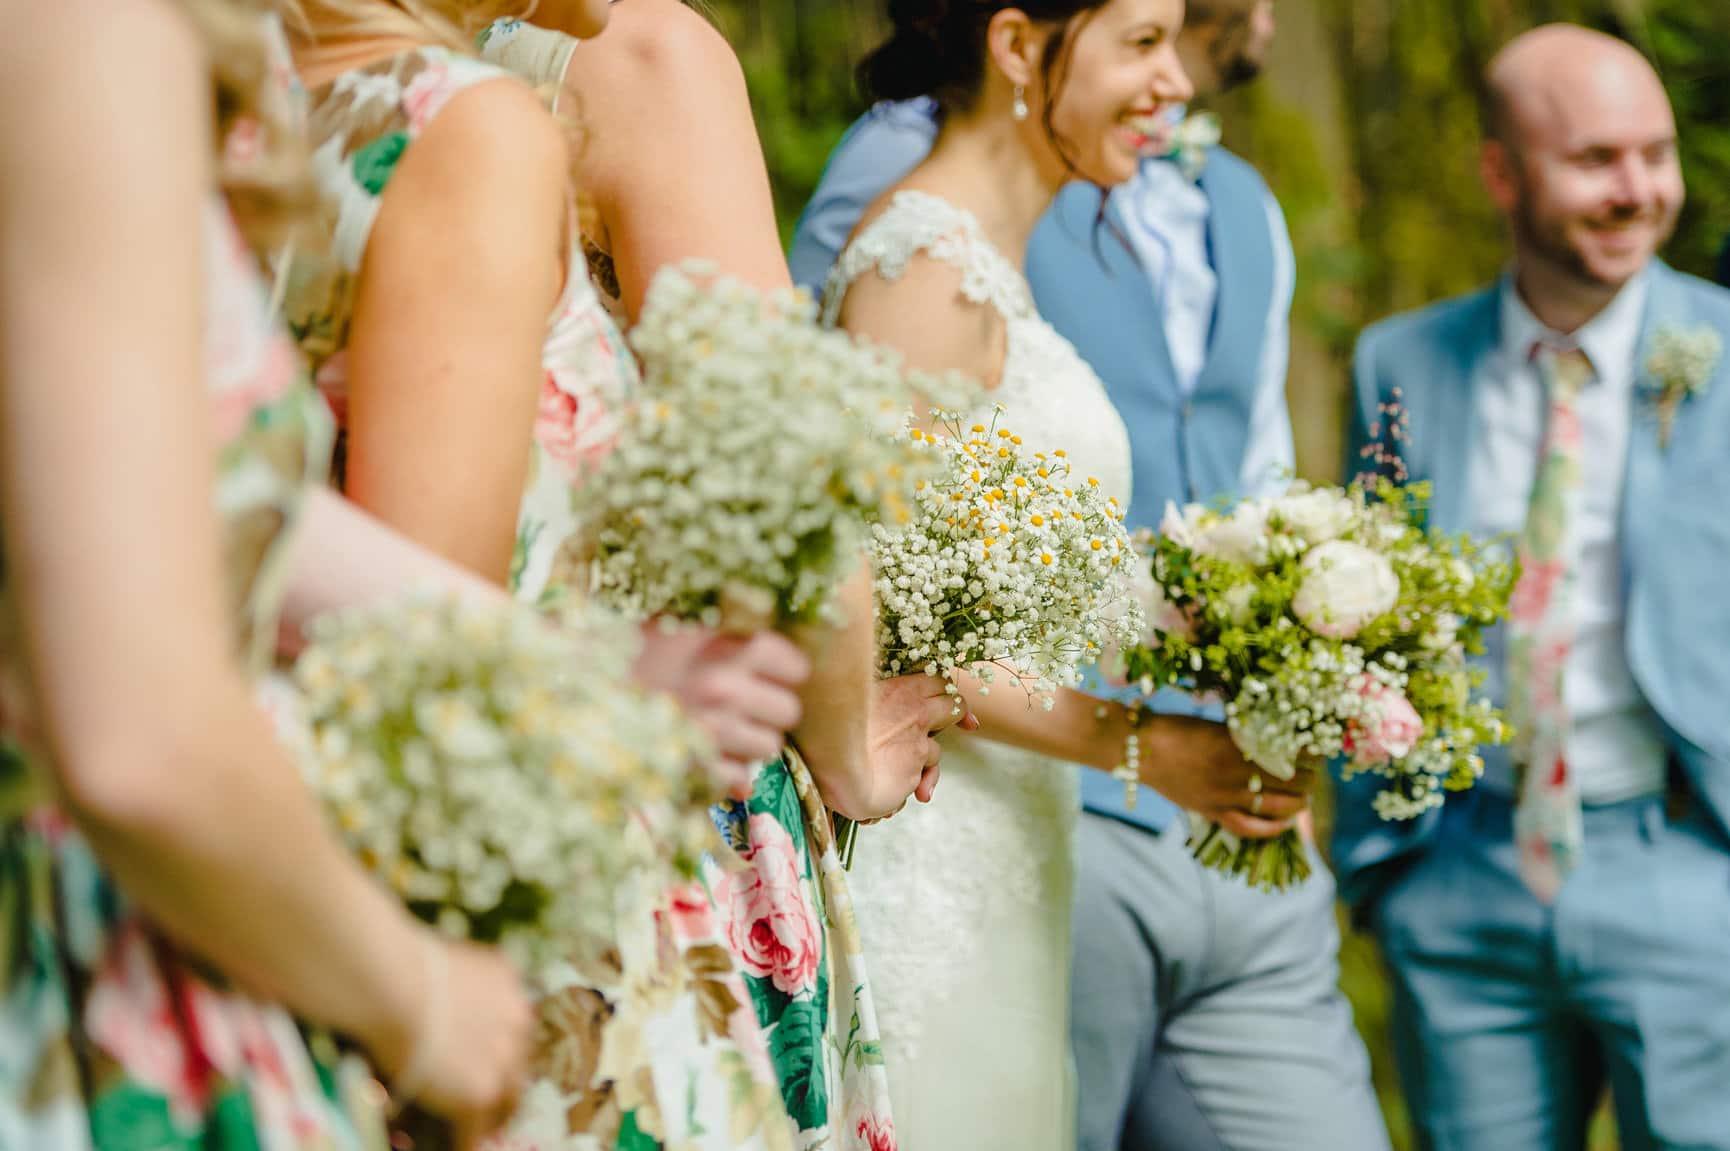 Fforest Wedding, Cardigan, Wales - Lauren and Gareth 145